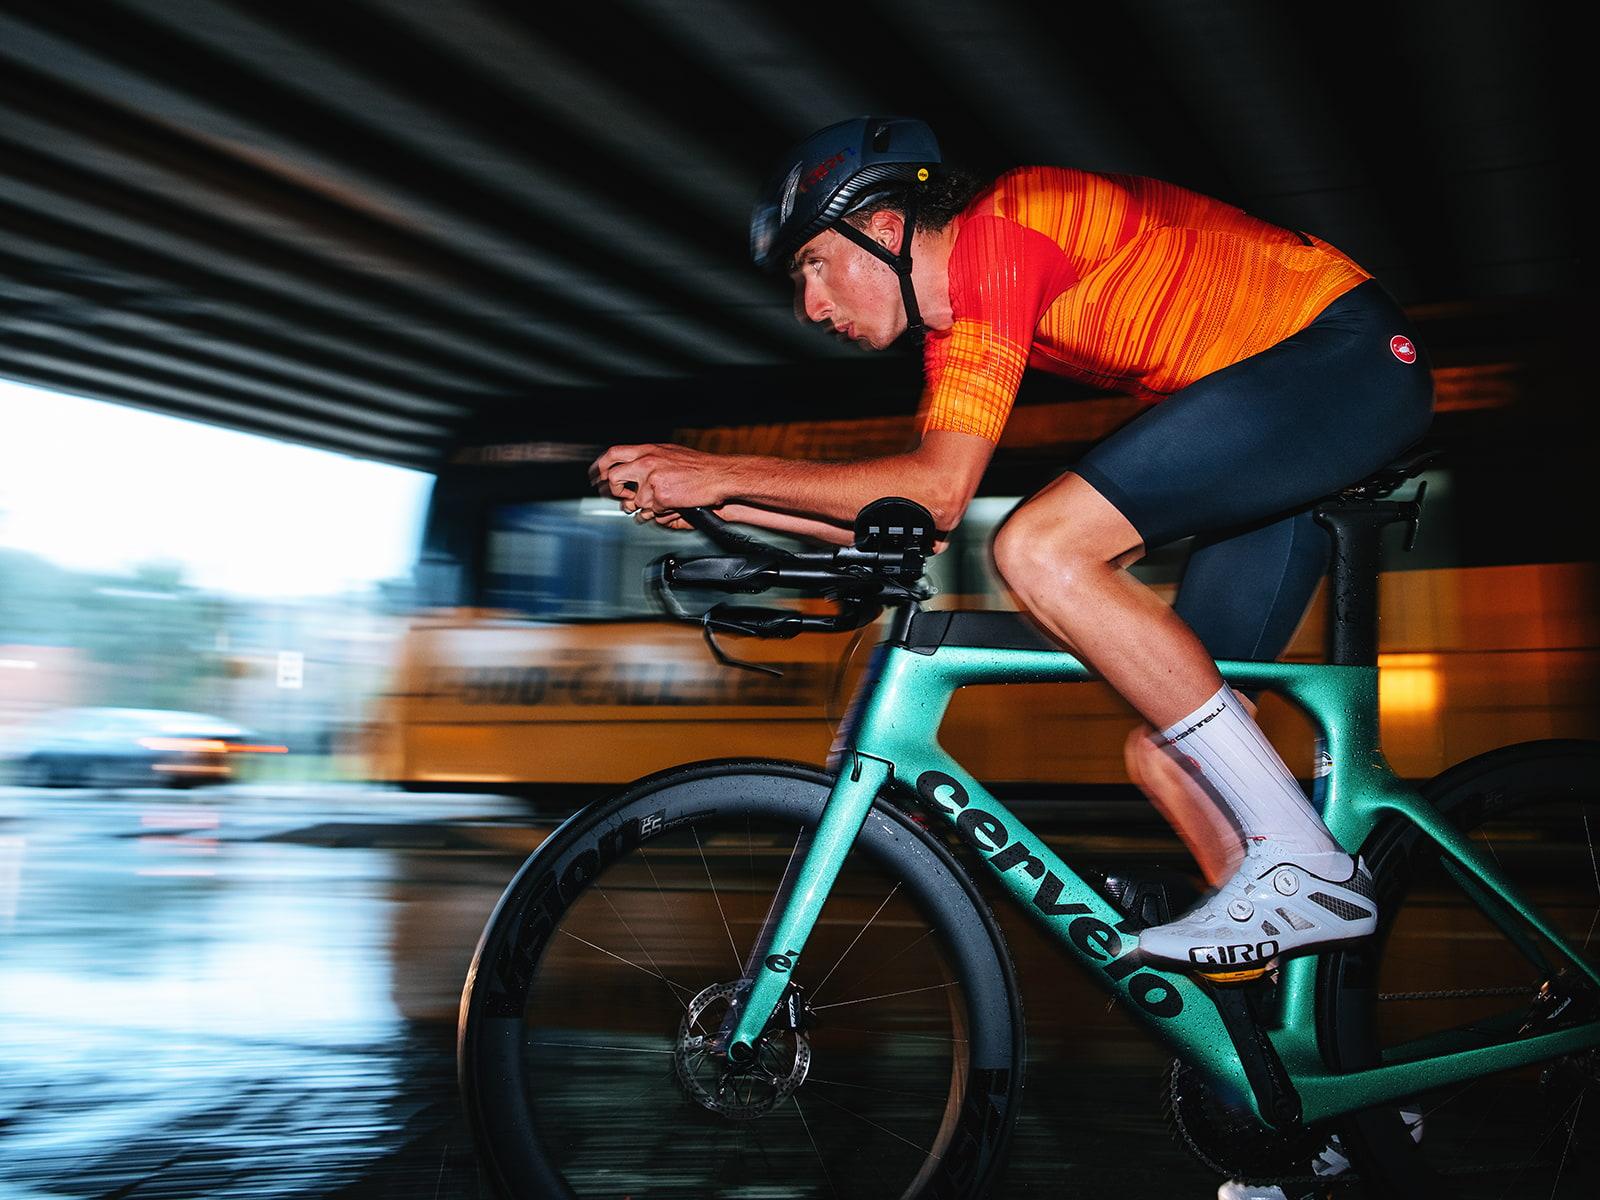 top 05 thương hiệu xe đạp đua nổi tiếng xe đạp thế giới cervelotop 05 thương hiệu xe đạp đua nổi tiếng xe đạp thế giới cervelo